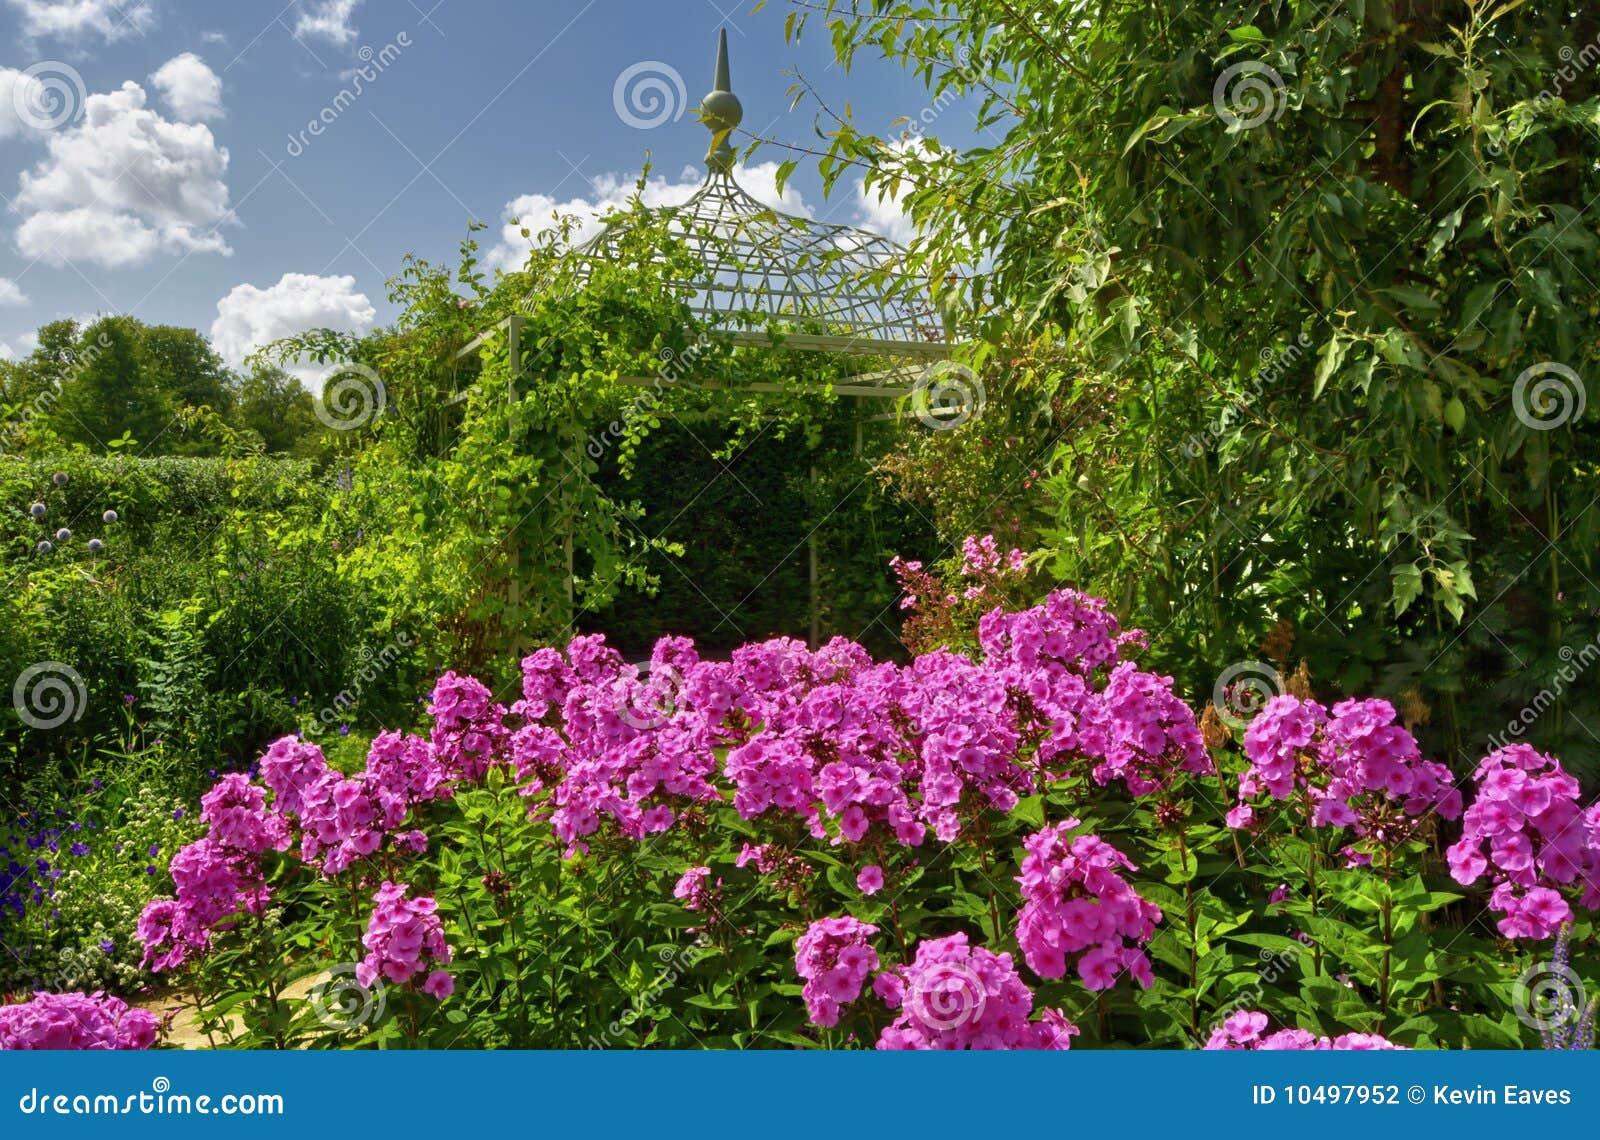 Fleur de phlox dans le jardin anglais photo stock image for Fleurs dans le jardin